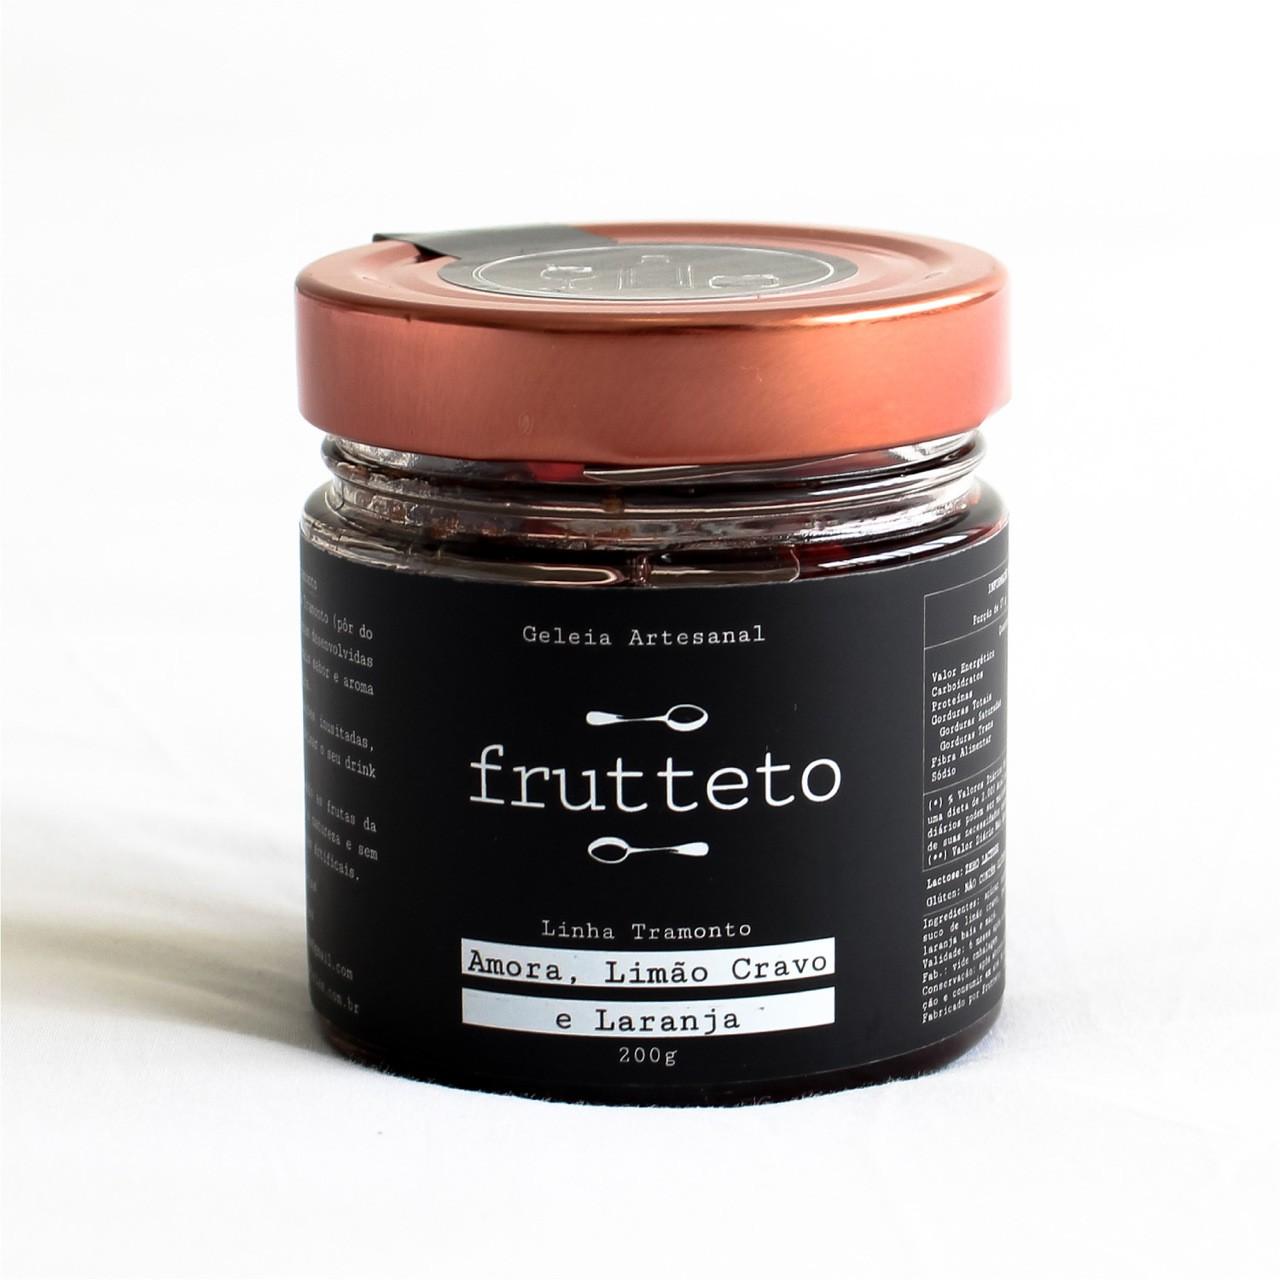 Geléia Amora, Limão, Cravo e Canela by Frutteto